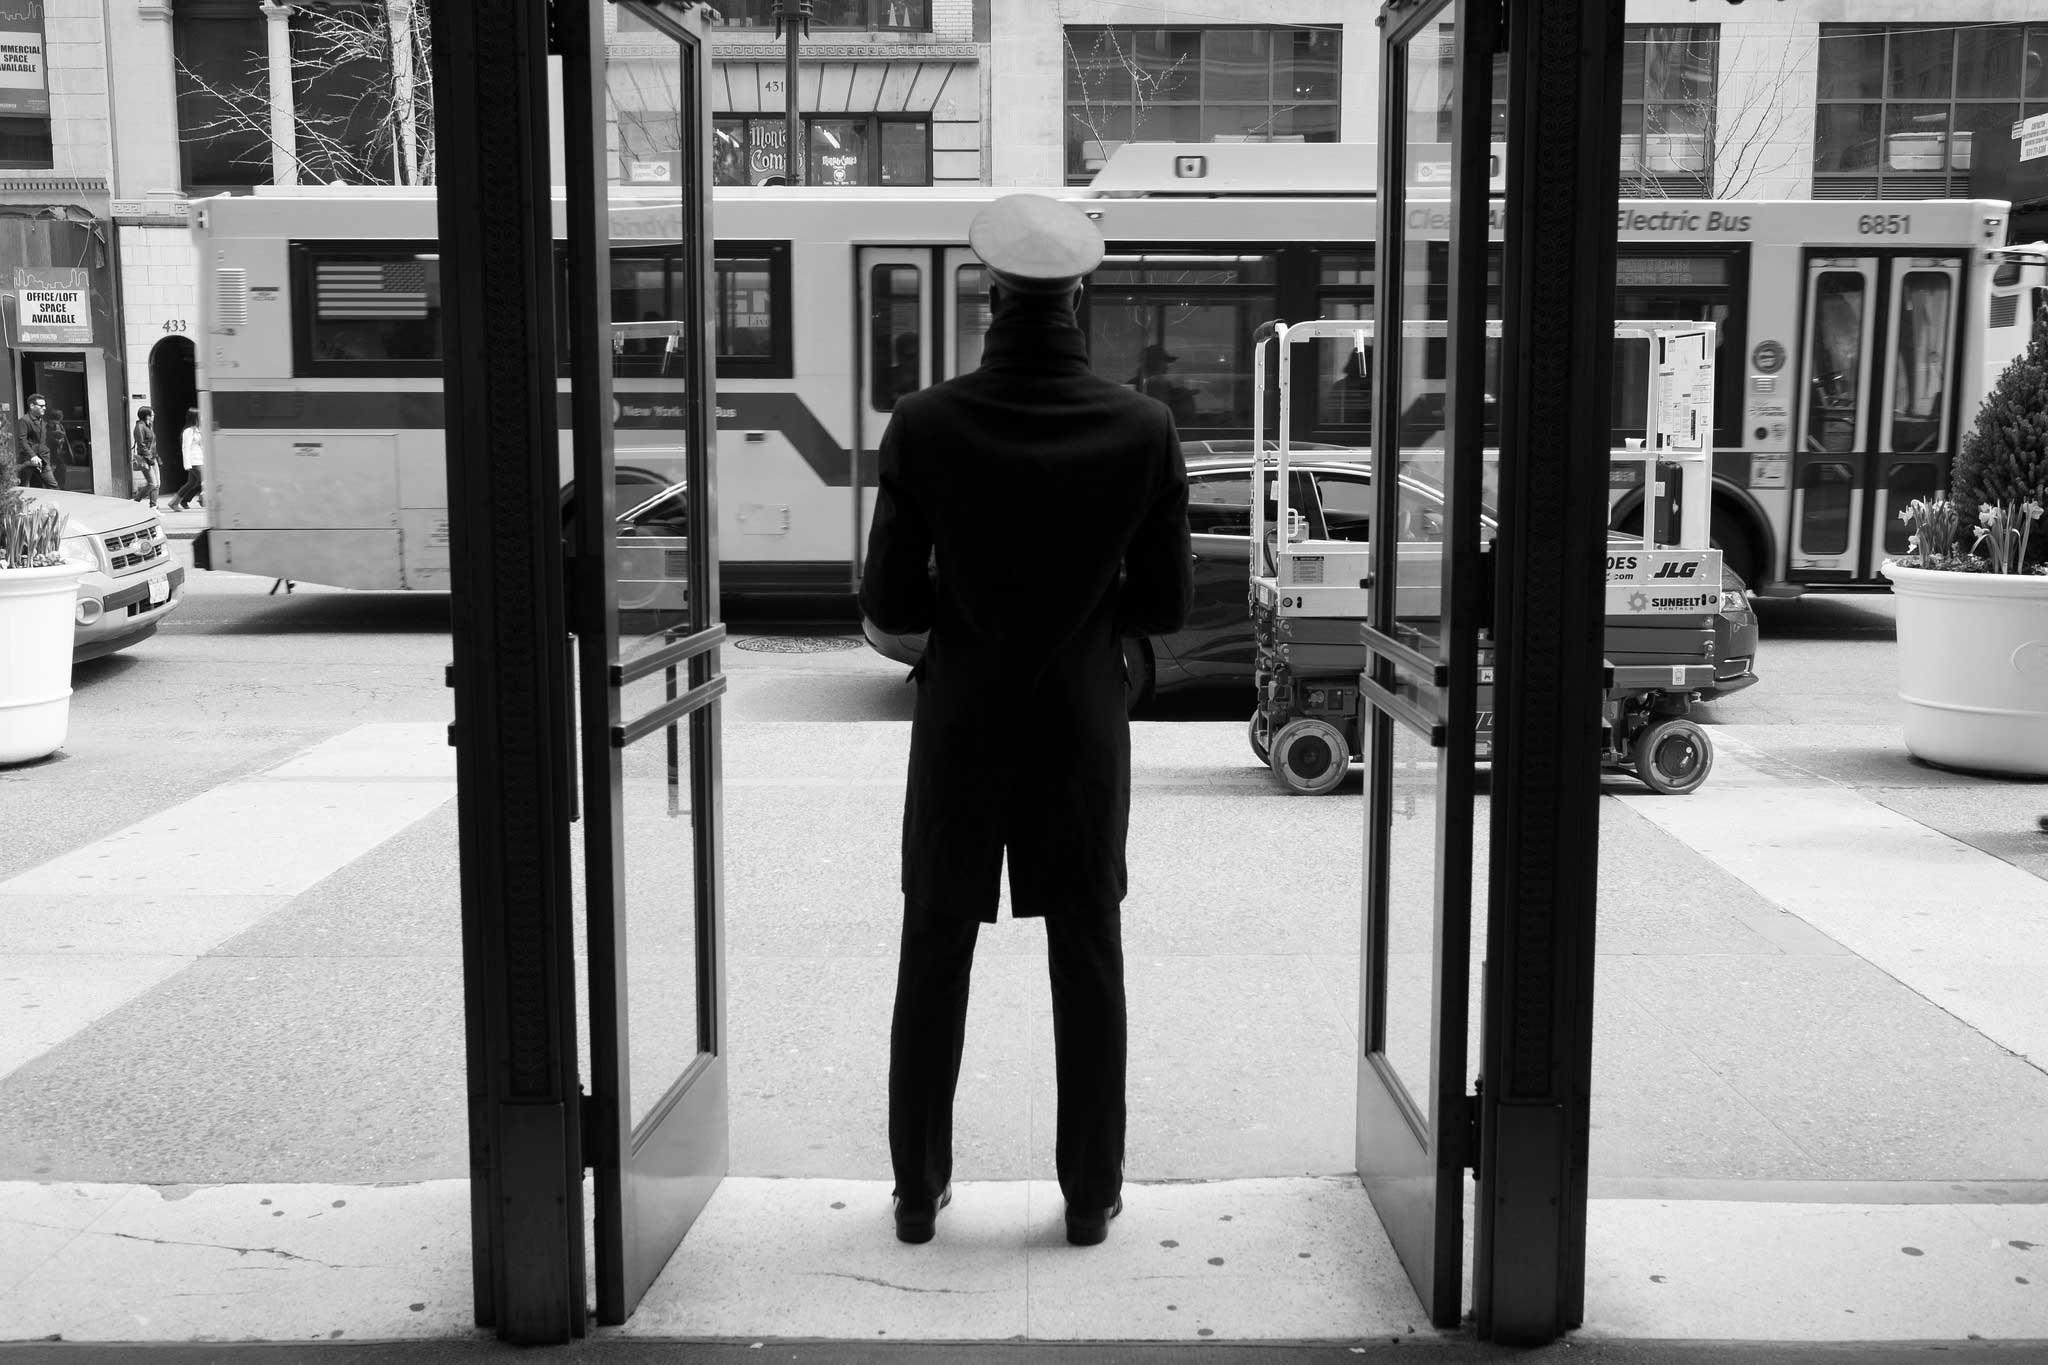 & CVE-2018-1000088: Stored XSS in Doorkeeper